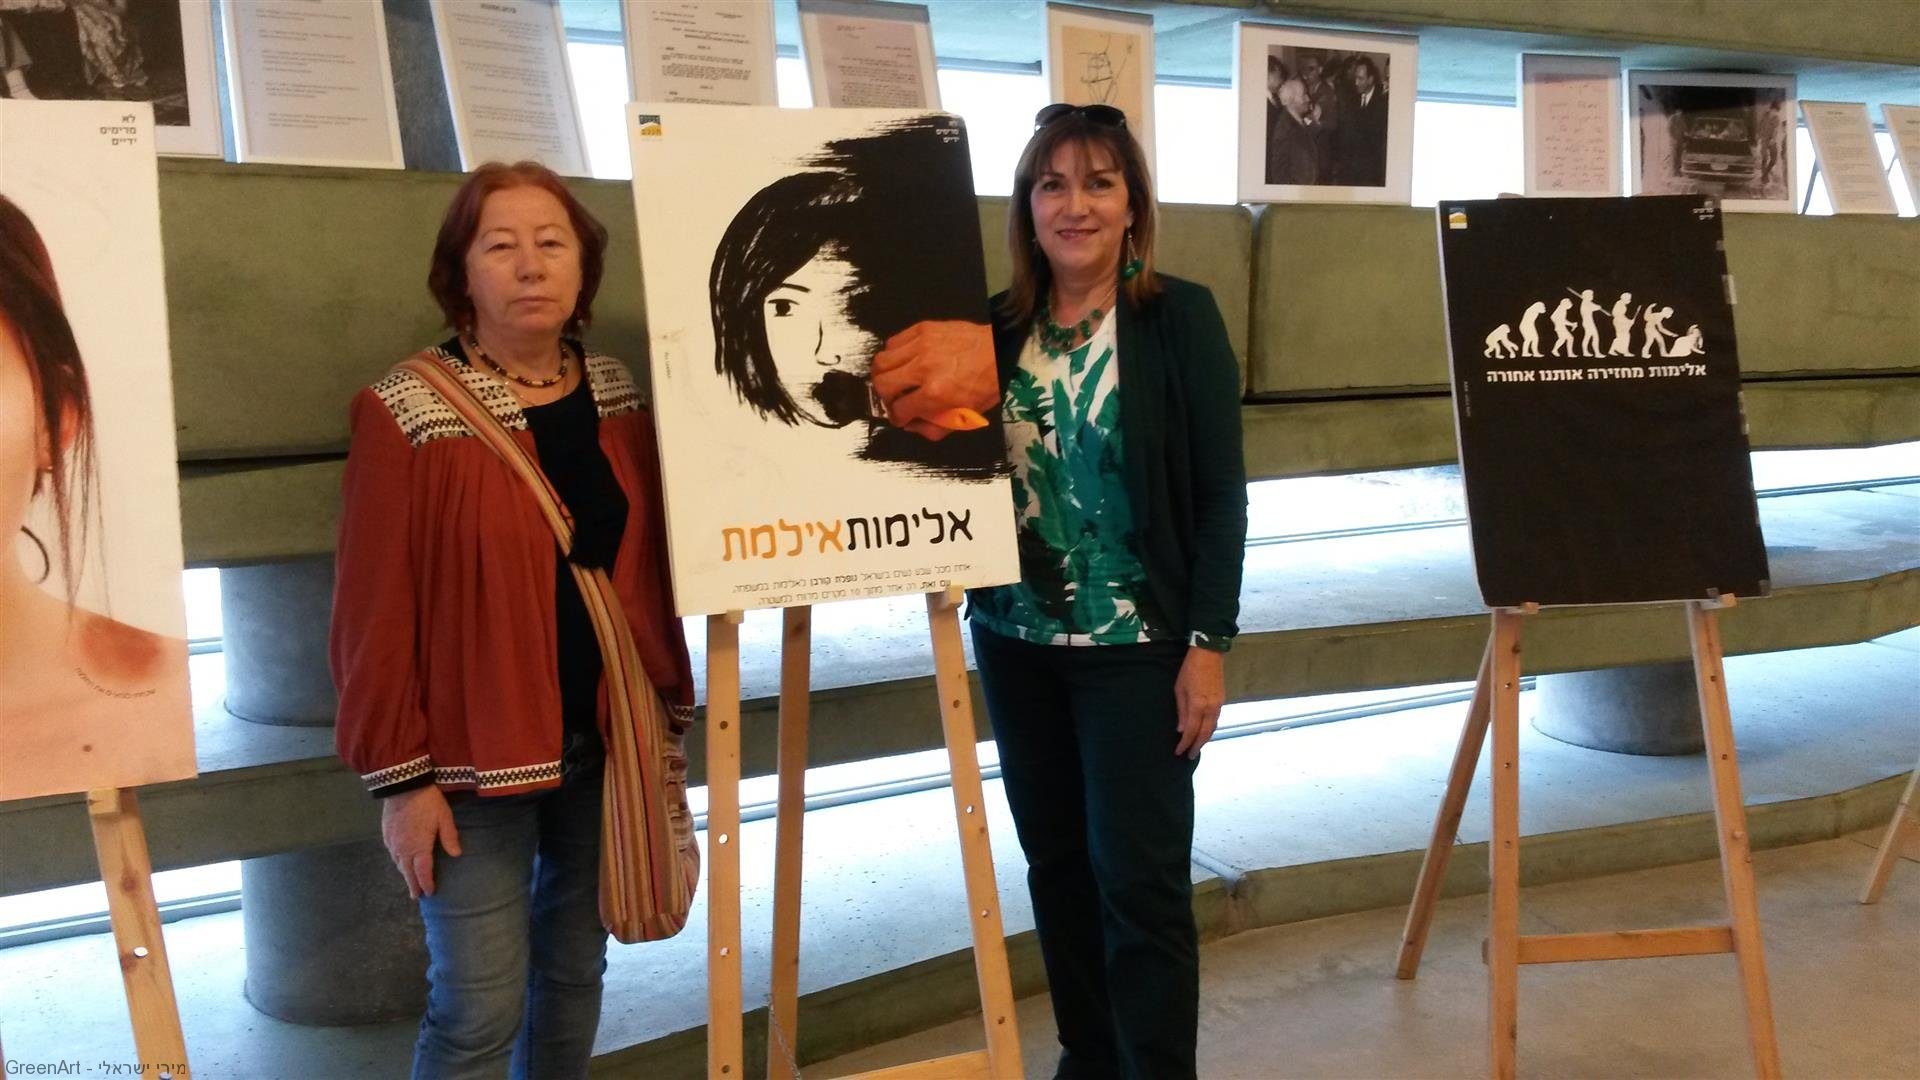 בכנס שנערך מטעם ויצו למניעת אלימות כלפי נשים במרכז פרס לשלום